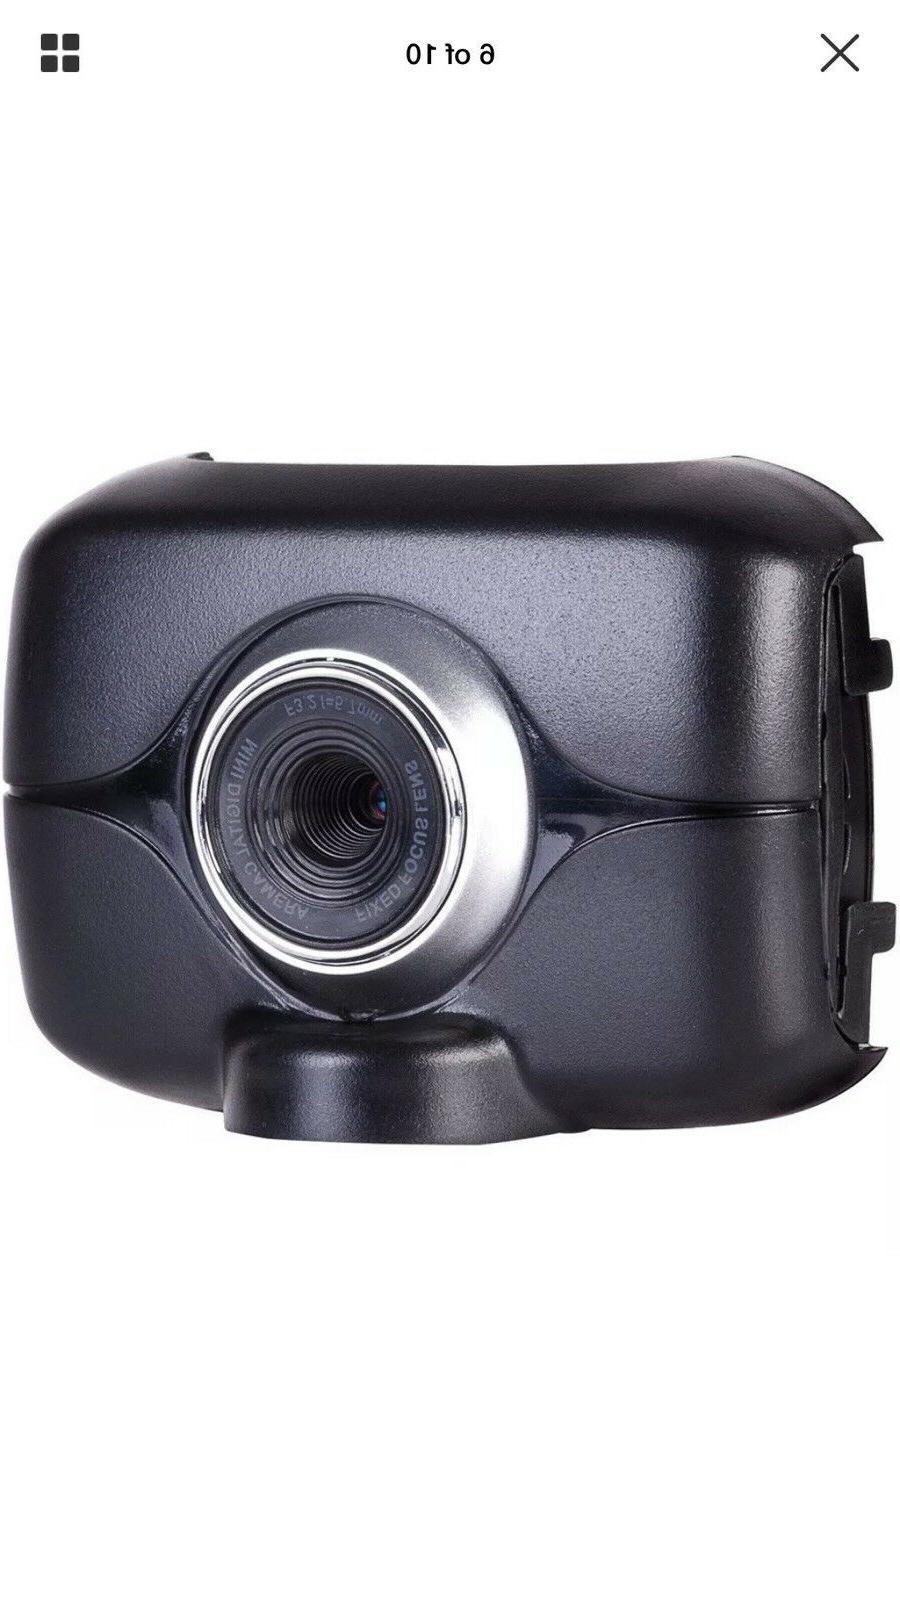 1 LOT Vivitar HD Cameras Camcorder *FREE